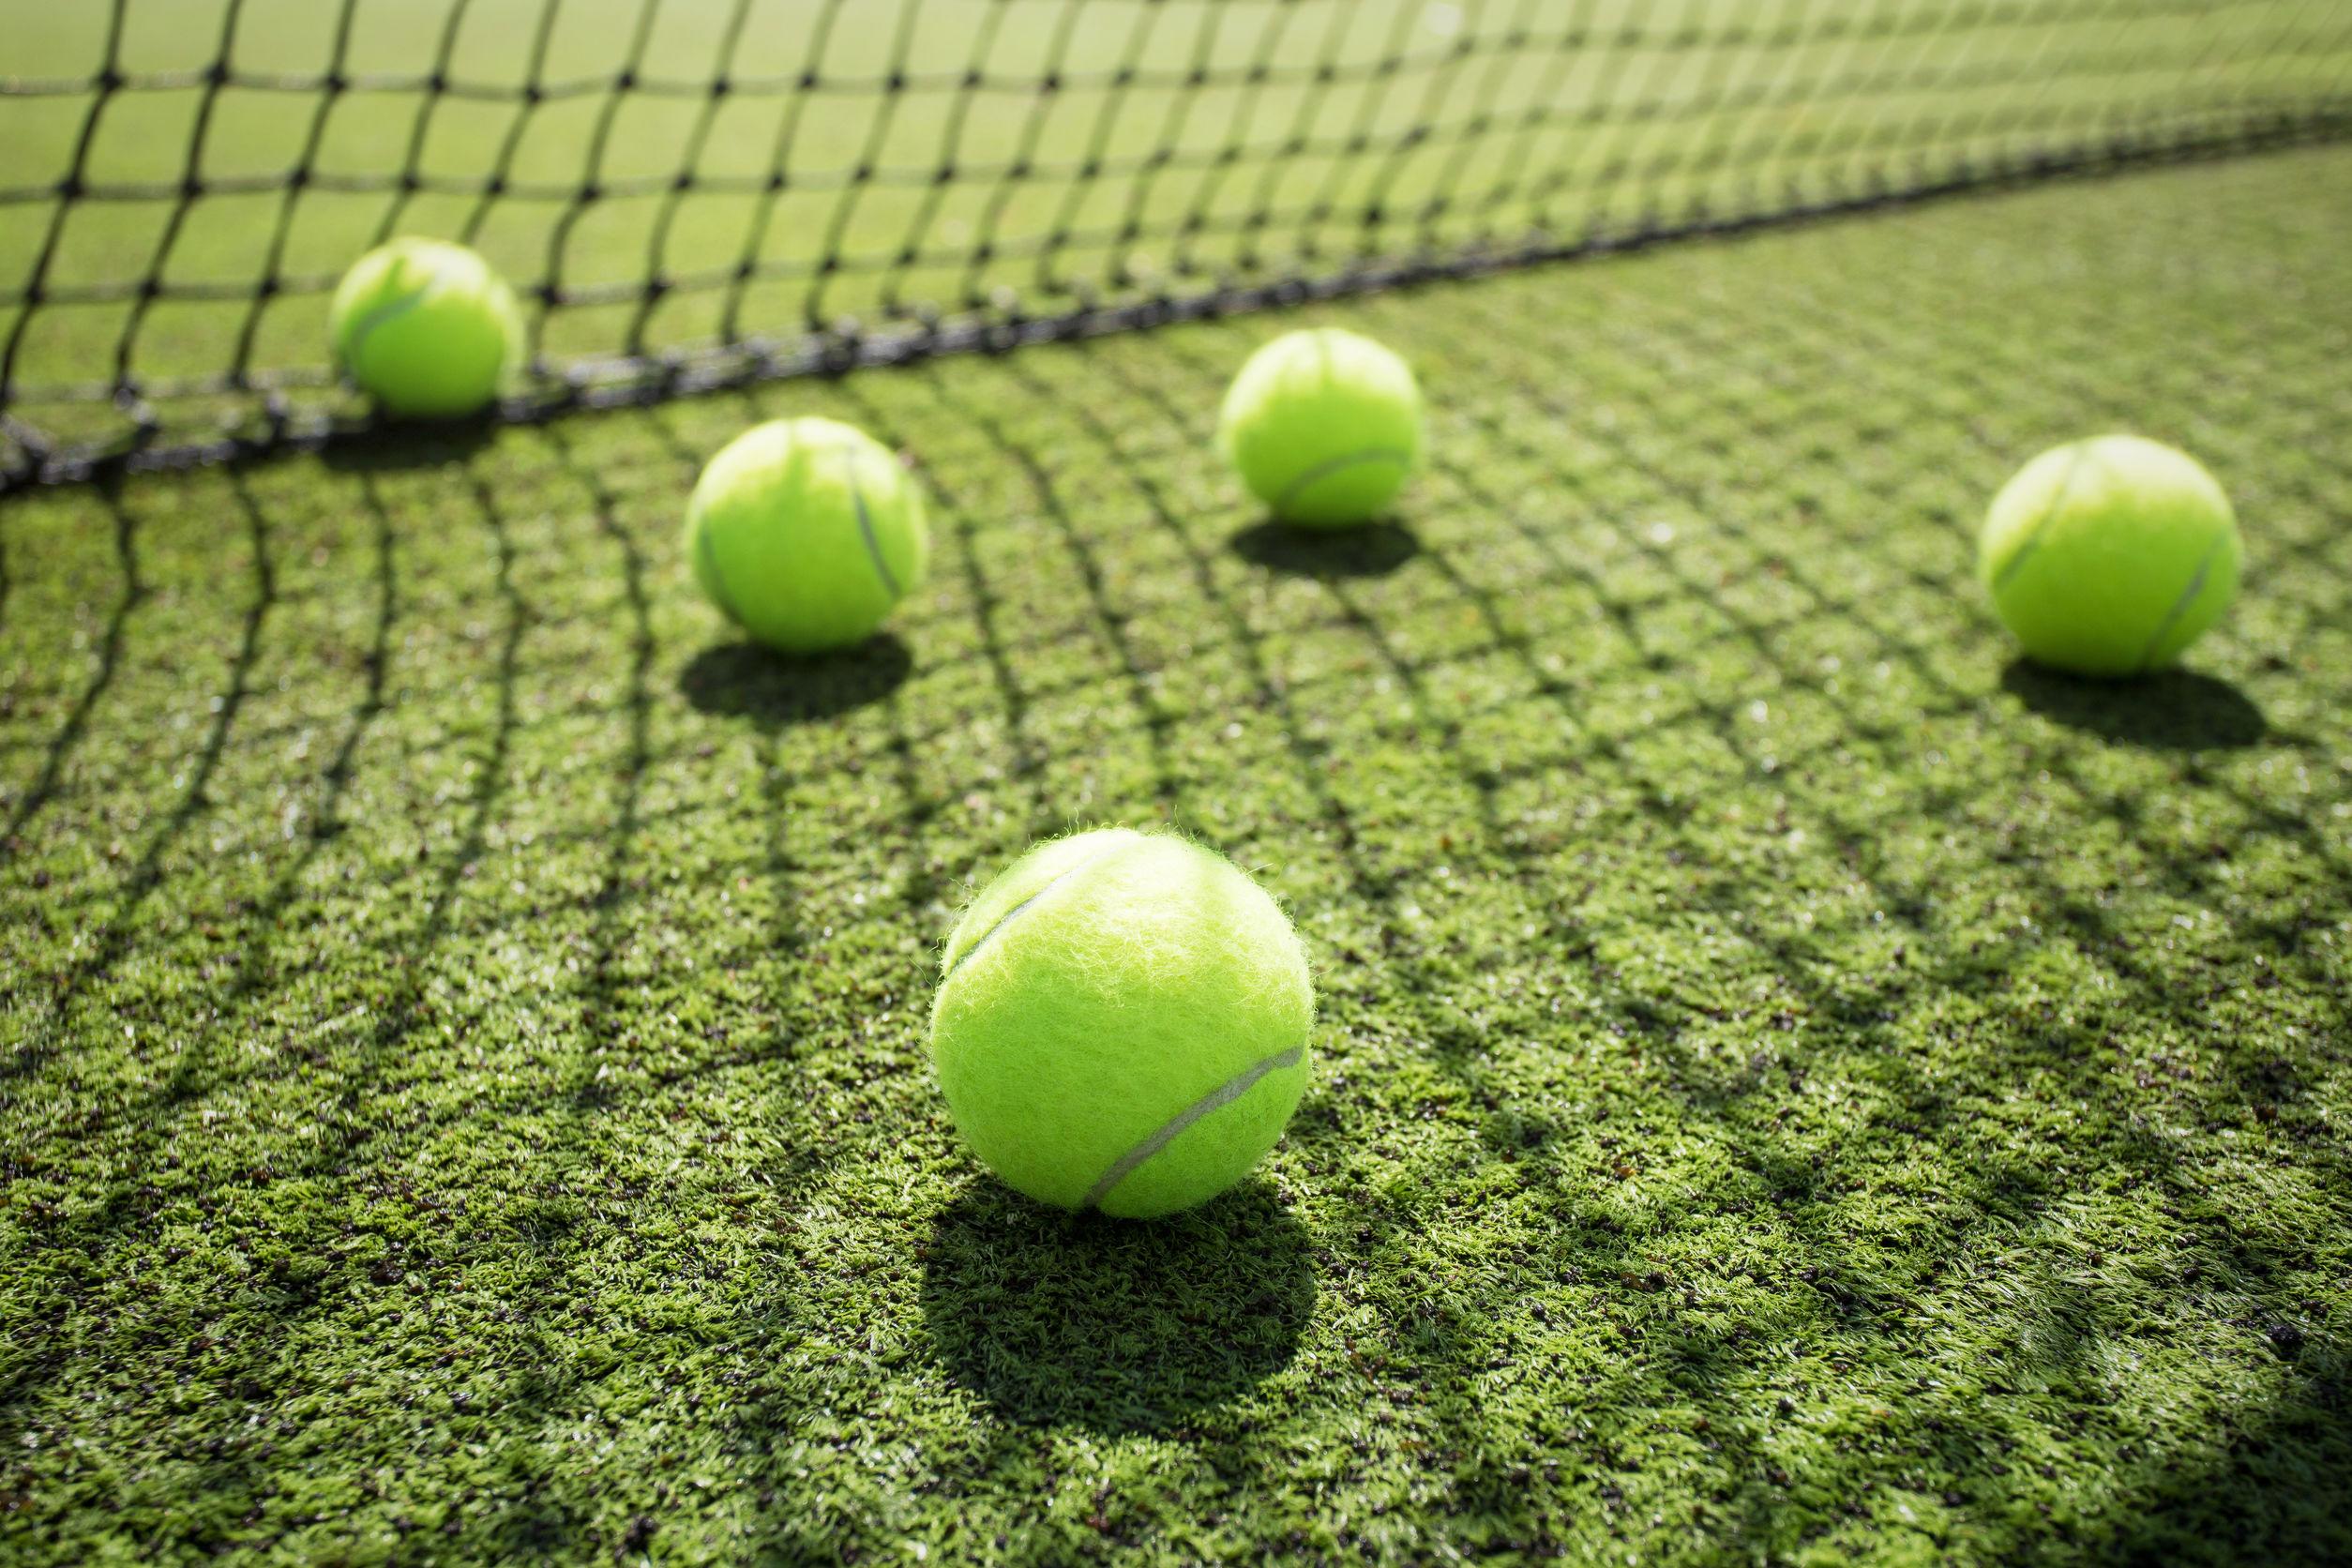 Varias pelotas de tenis dispersas